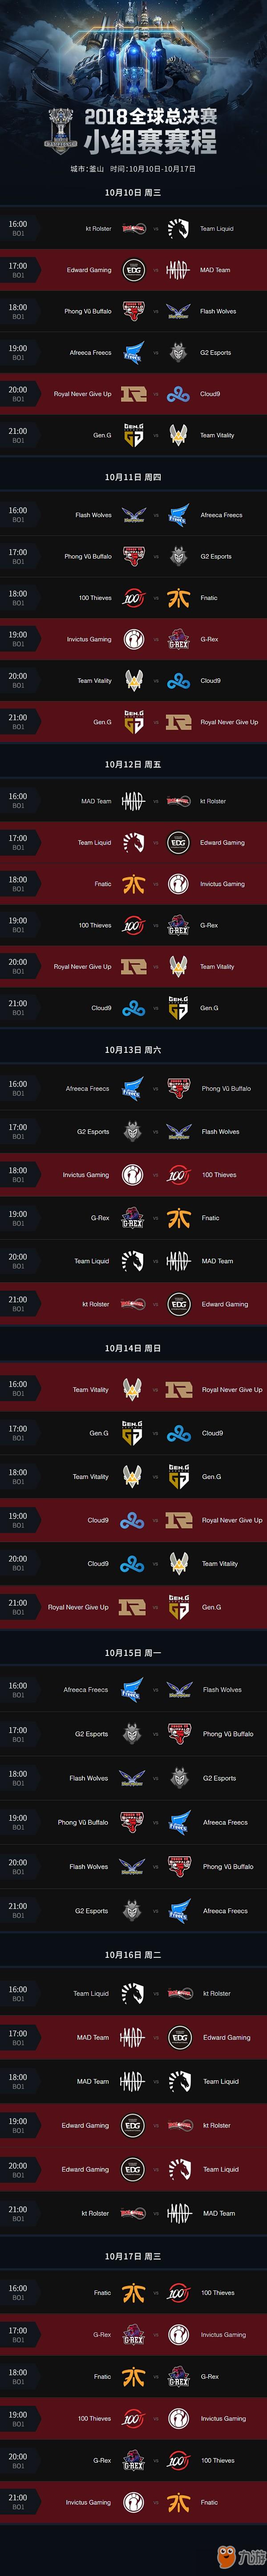 2018LOL全球总决赛小组赛赛程公布 10月10日开赛